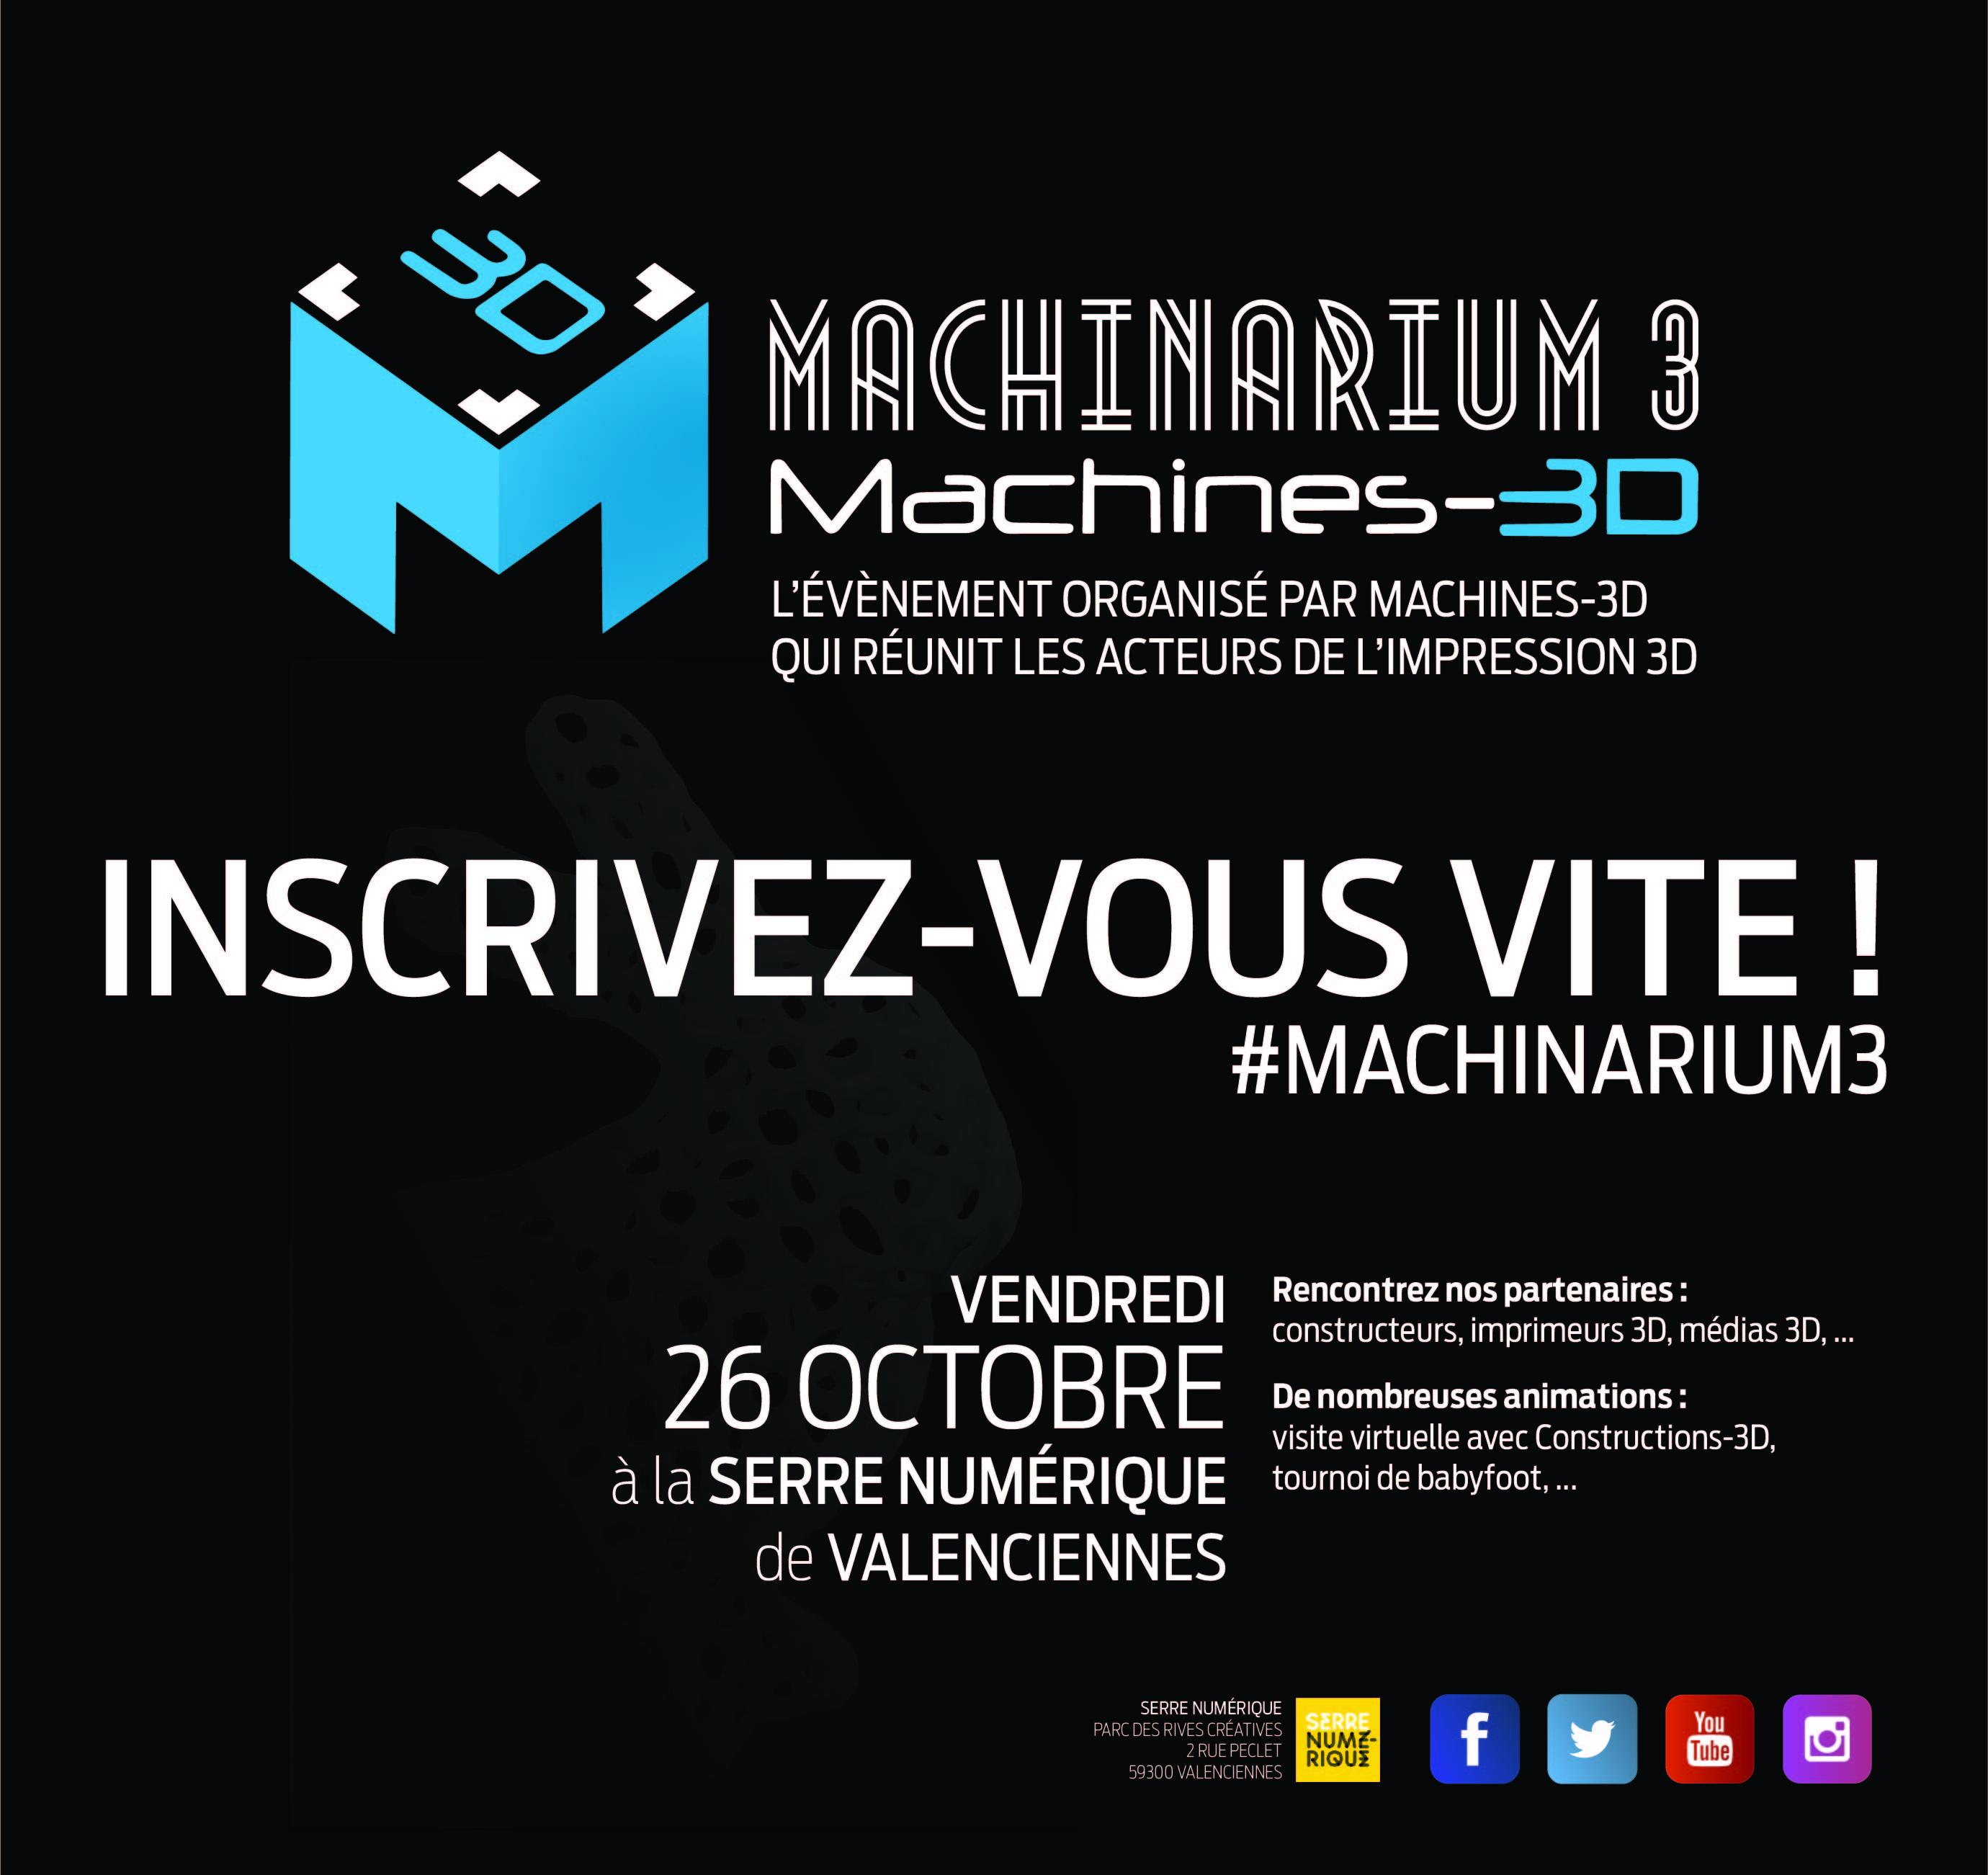 MACHINARIUM 3 Machines-3D